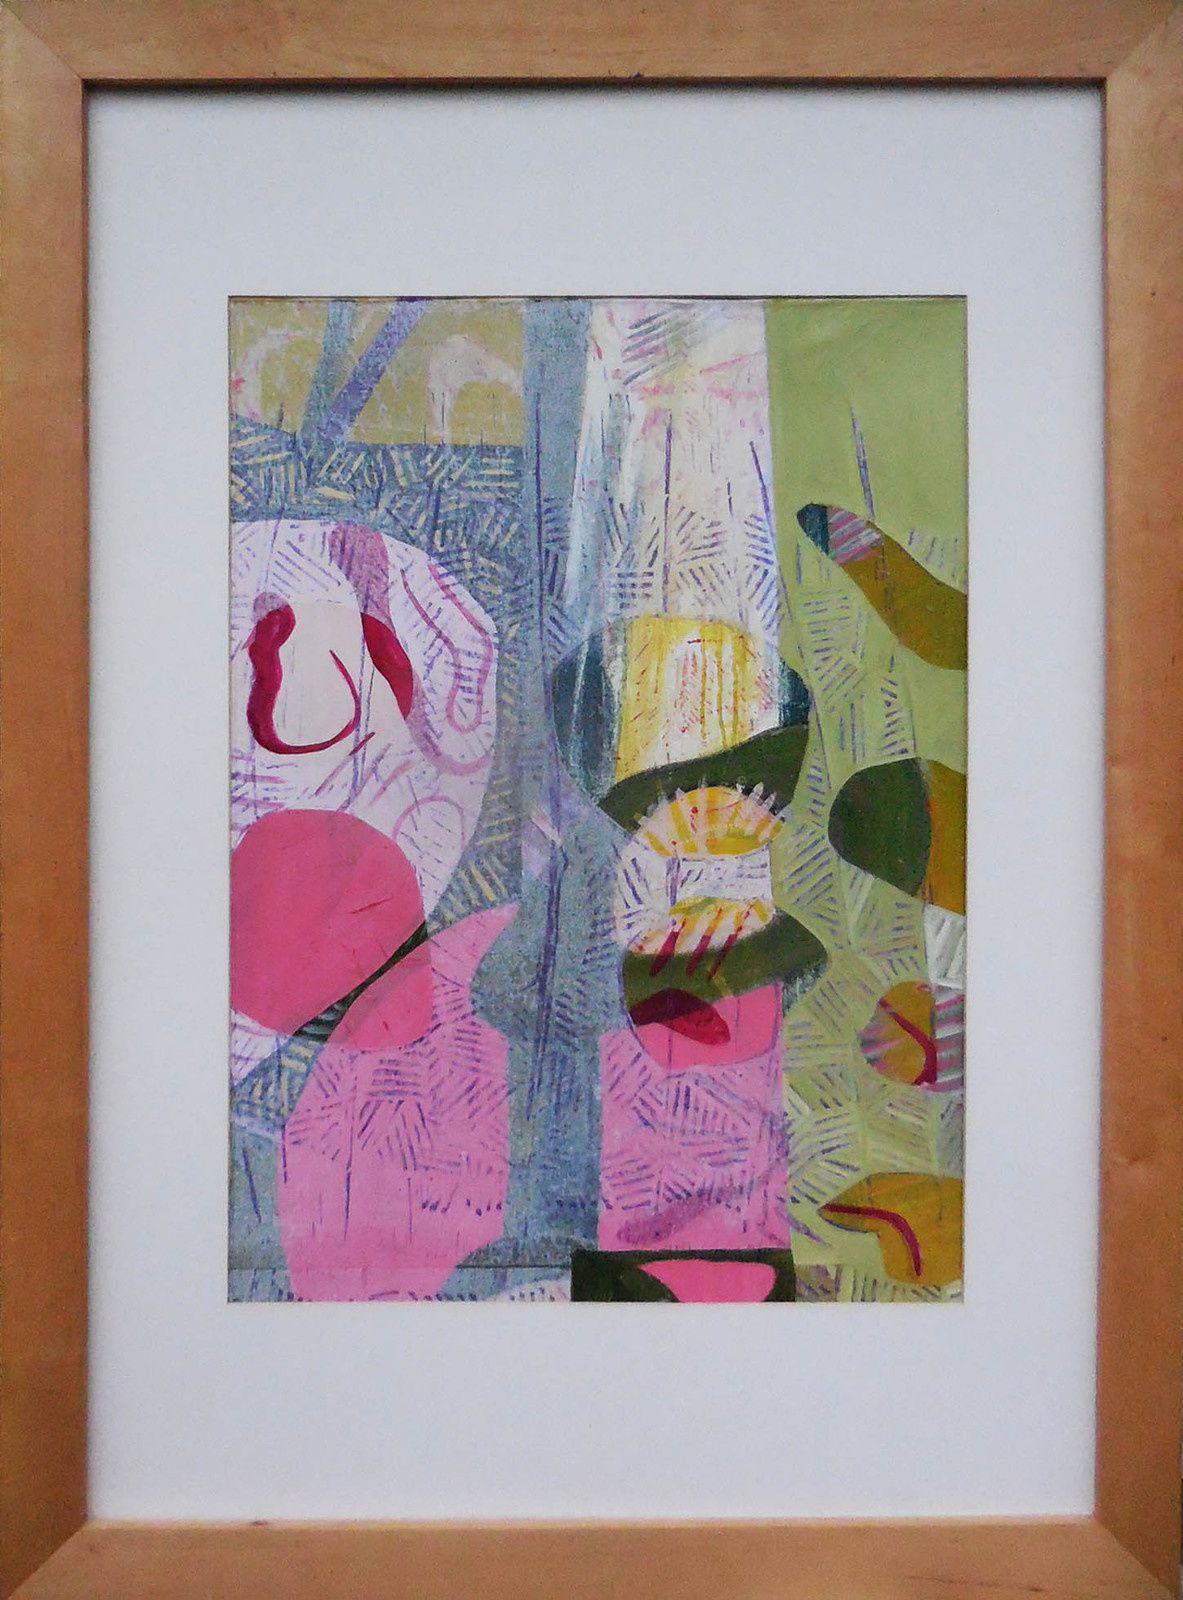 sans titre, série H/Ors / sans titre, sous-bois, huile et collage / Papier / toile 100 x 70 cm, 2017